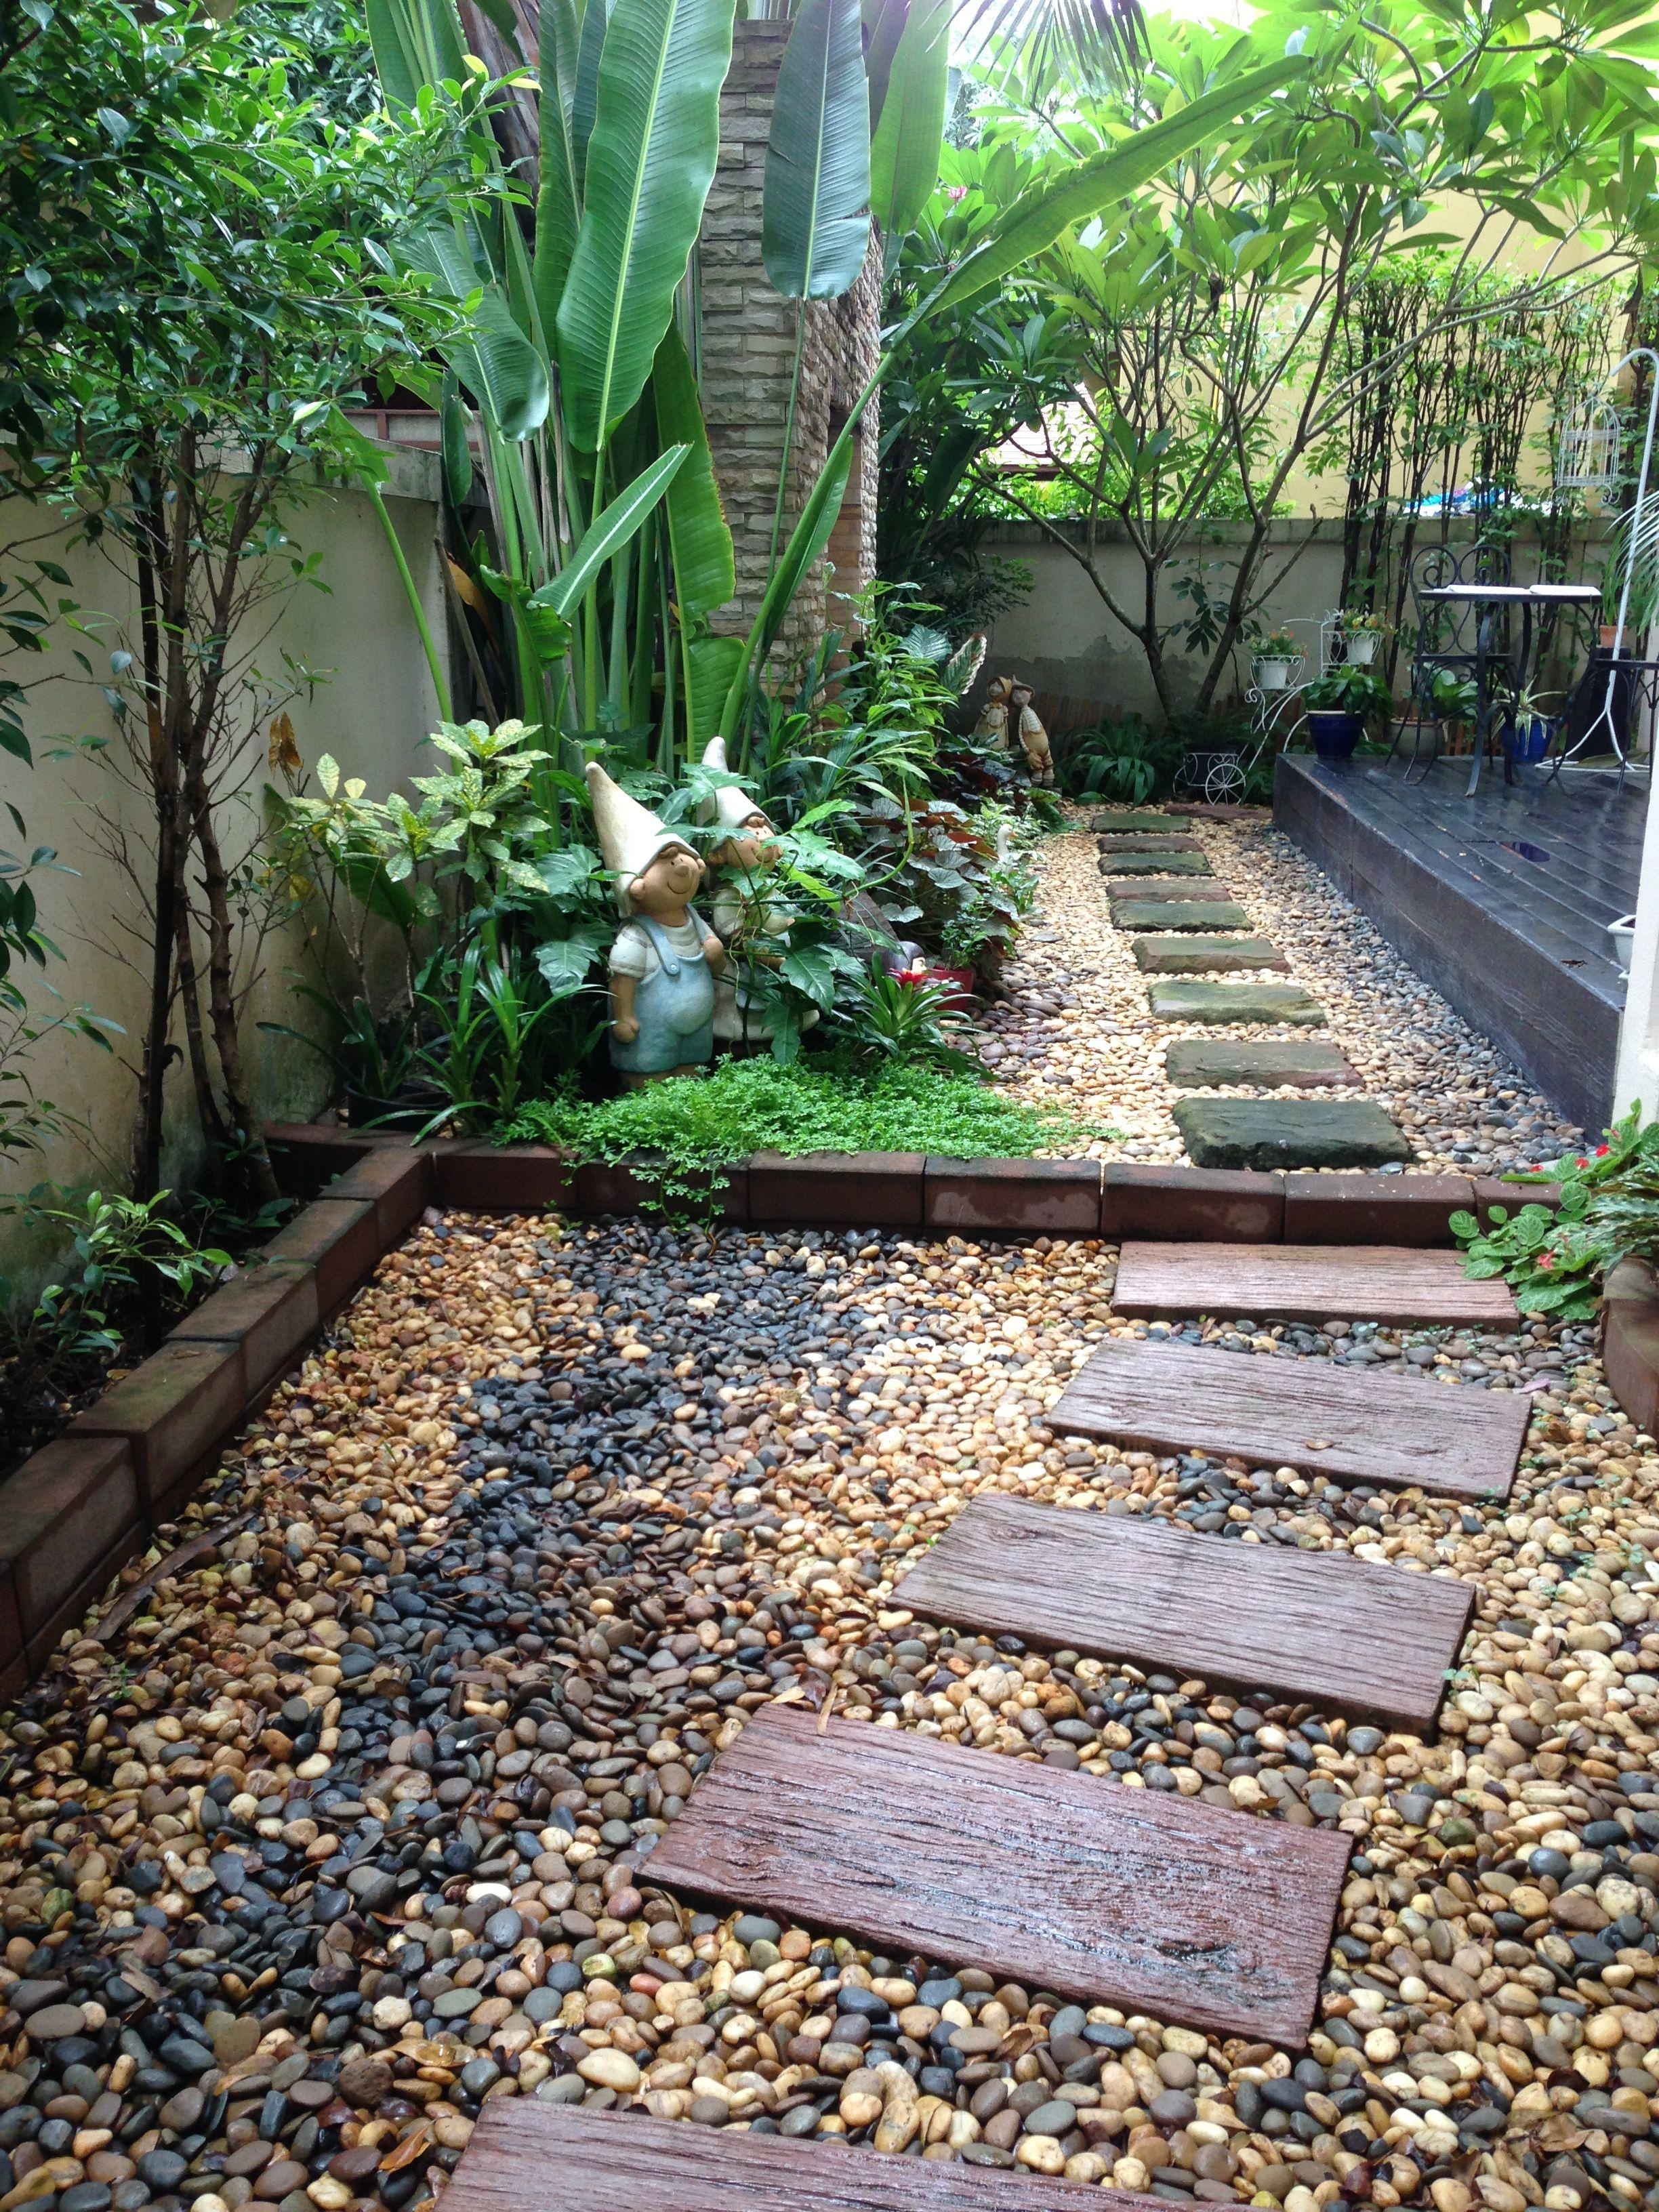 Tropical garden | Garden | Pinterest | Tropical garden, Gardens and ...